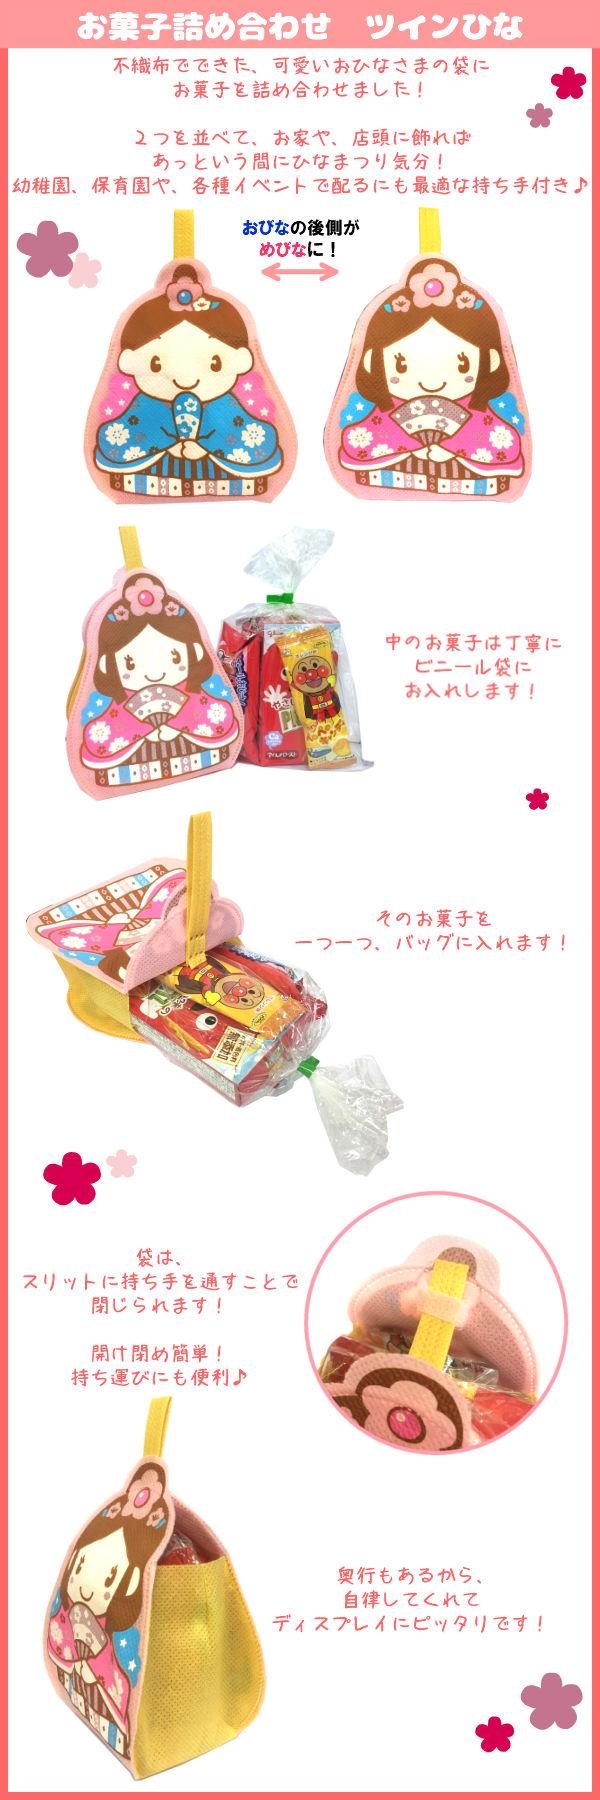 ゆっくんのお菓子倉庫